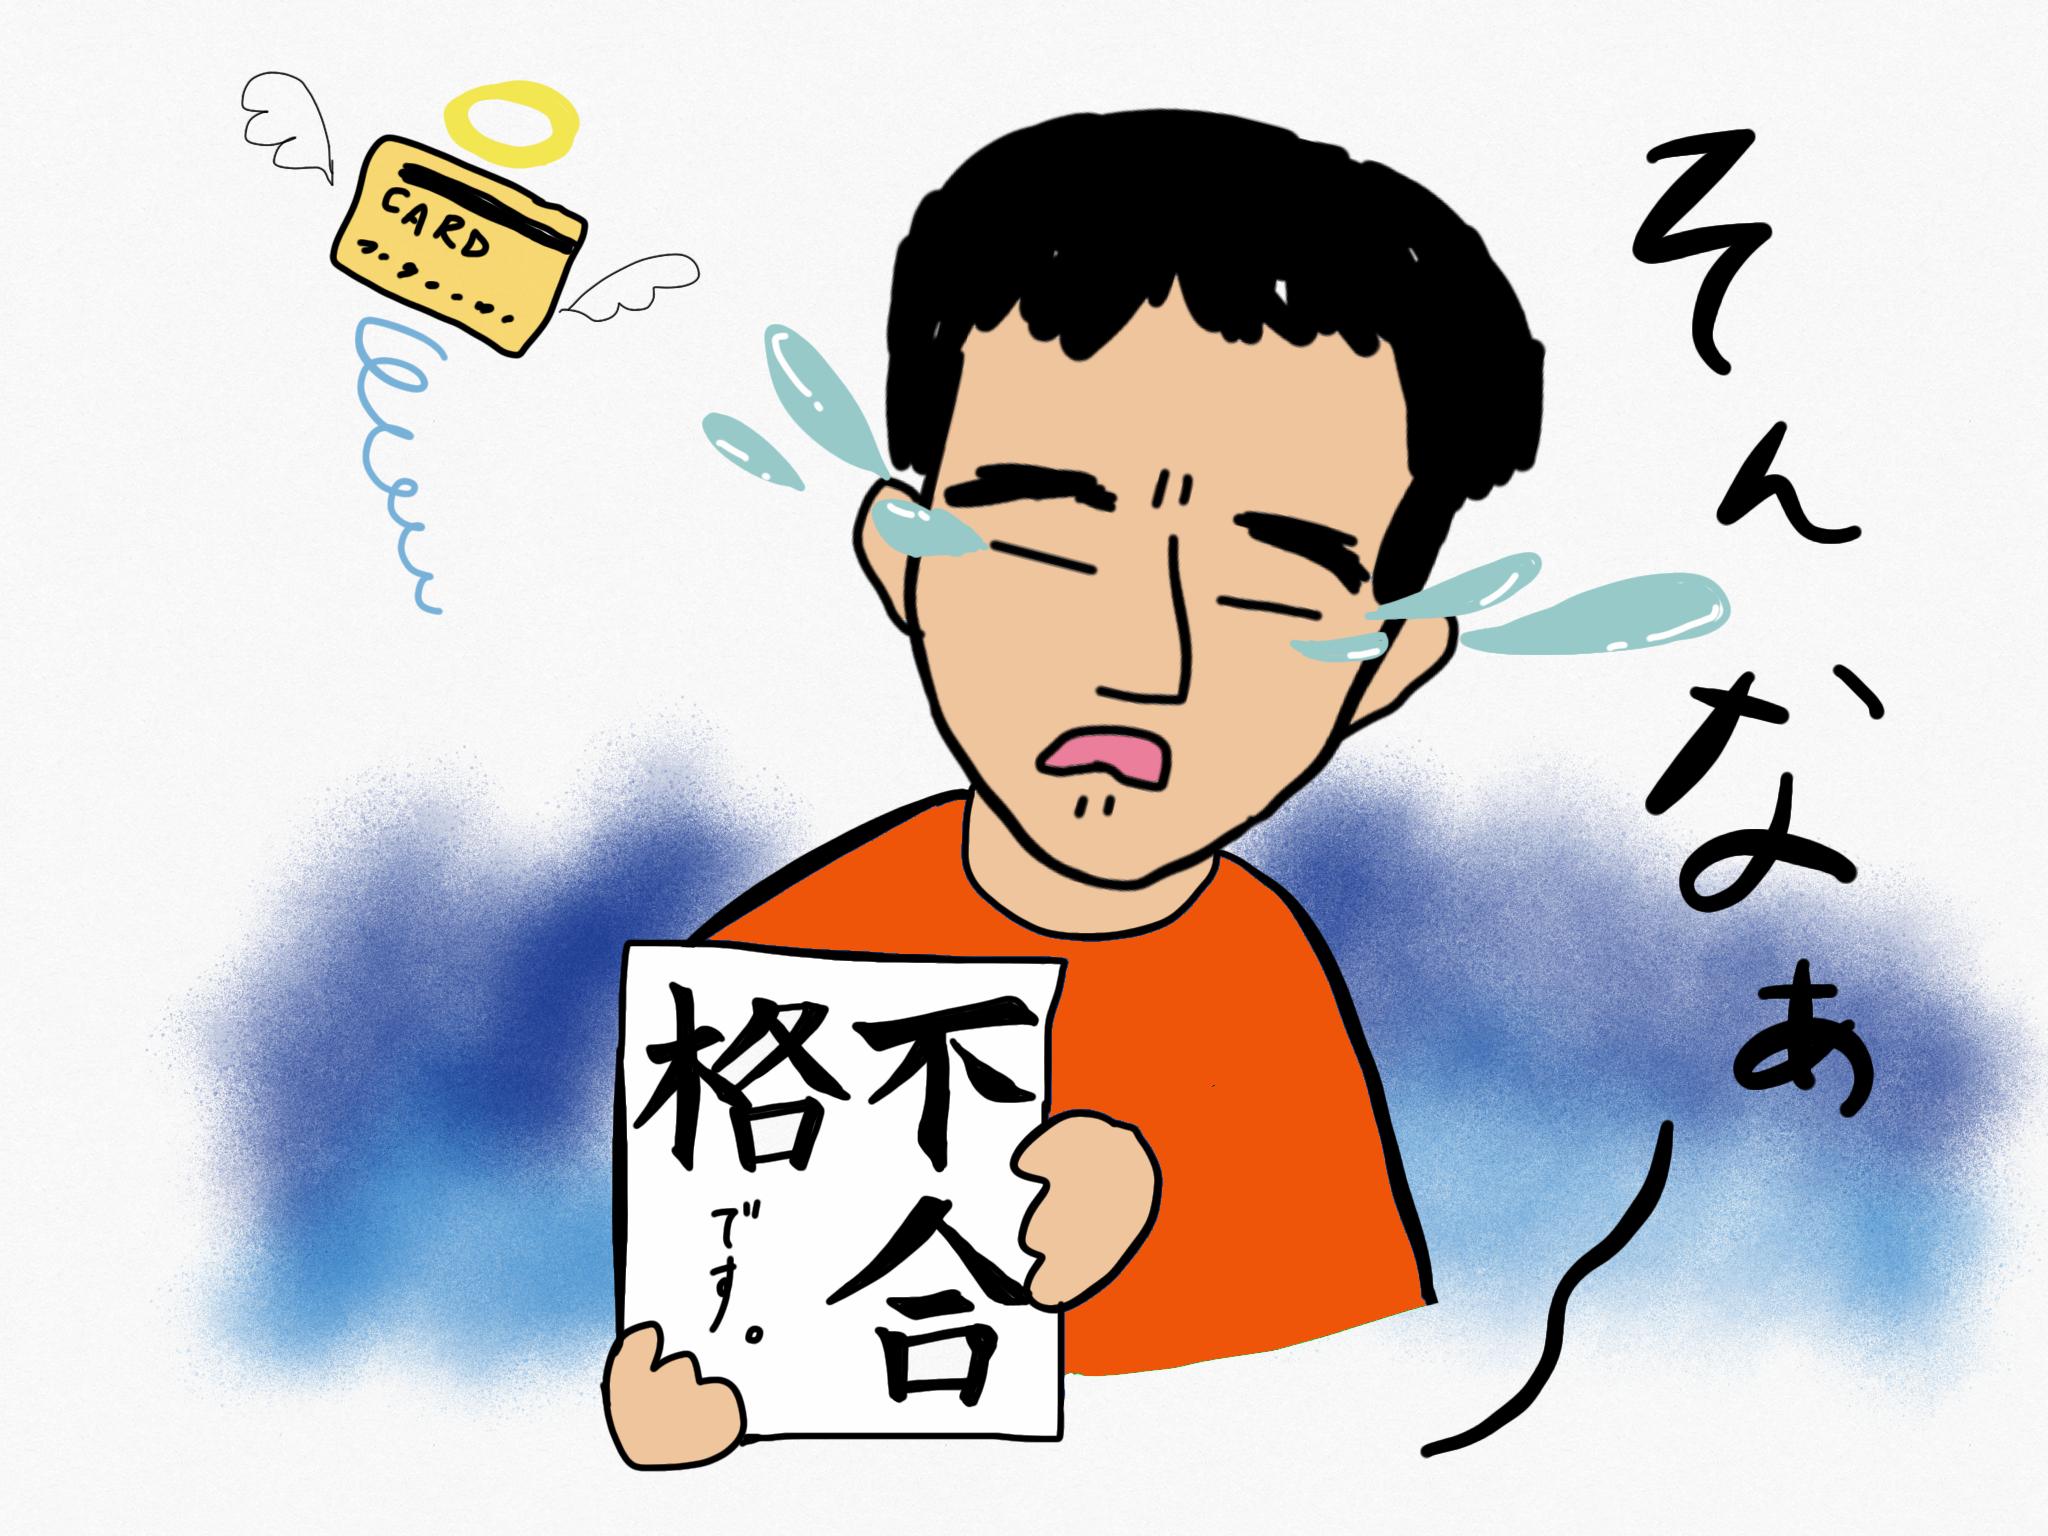 【悲報】90日以内にクレジットカードを申請した結果(2019年6月)